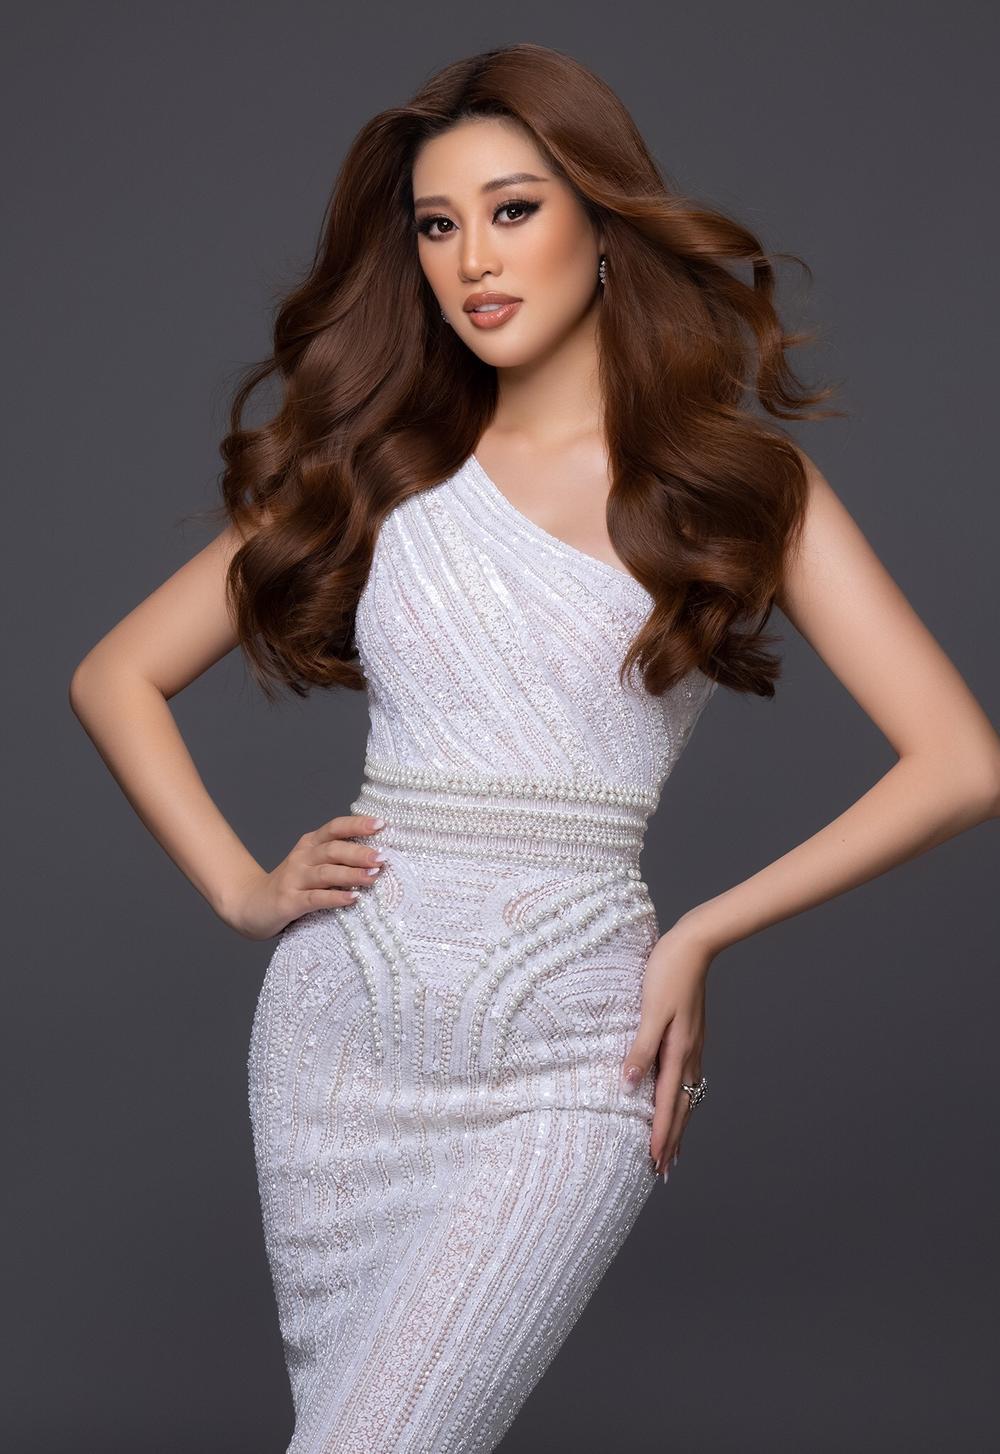 Đối thủ Khánh Vân tại Miss Universe khóc lóc xin lỗi về sự cố vạ miệng: 'Đây là bài học để đời của tôi' Ảnh 8